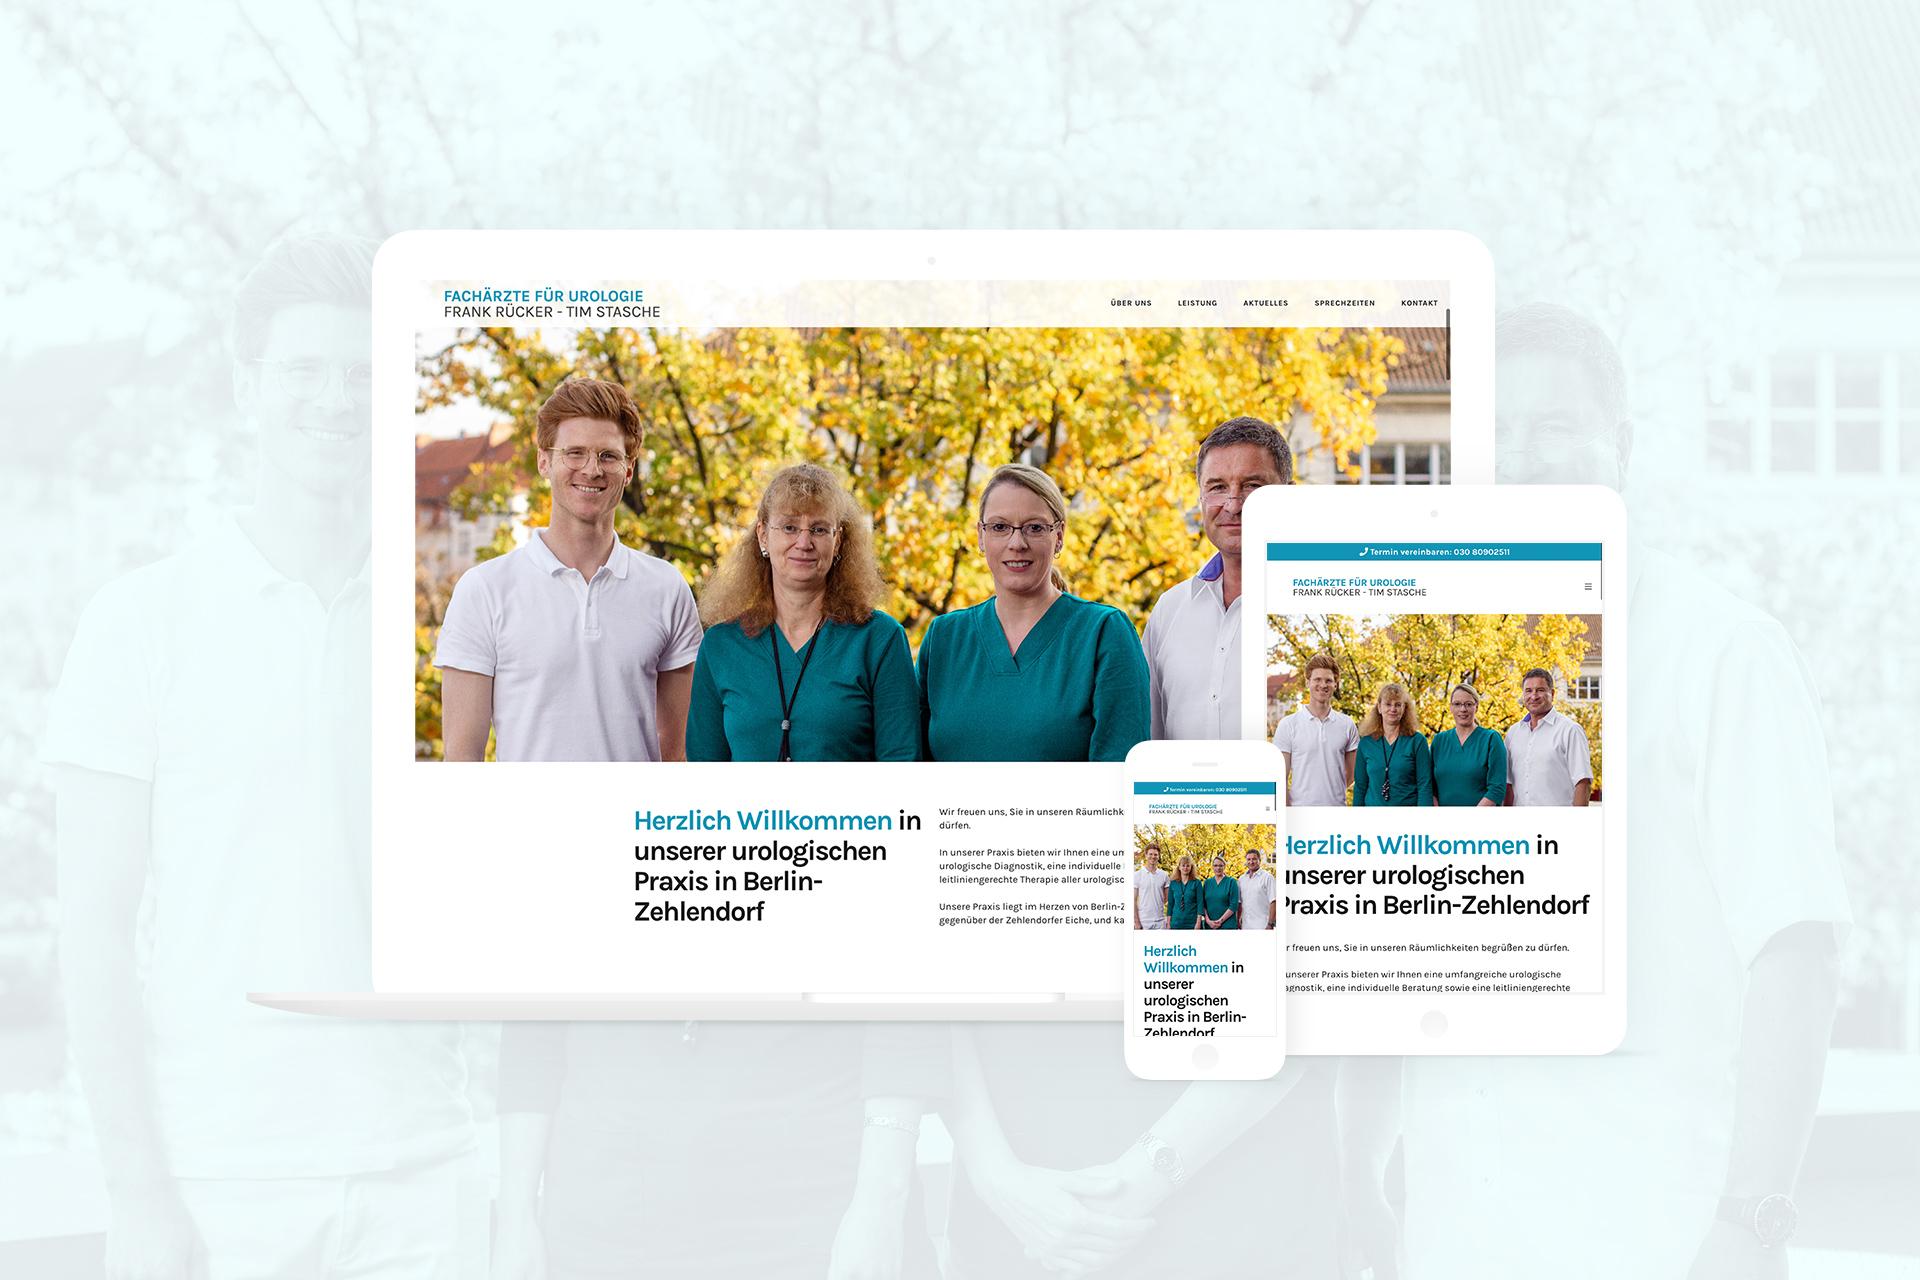 Urologie-Berlin_Frank_Rücker_Website_responsiv